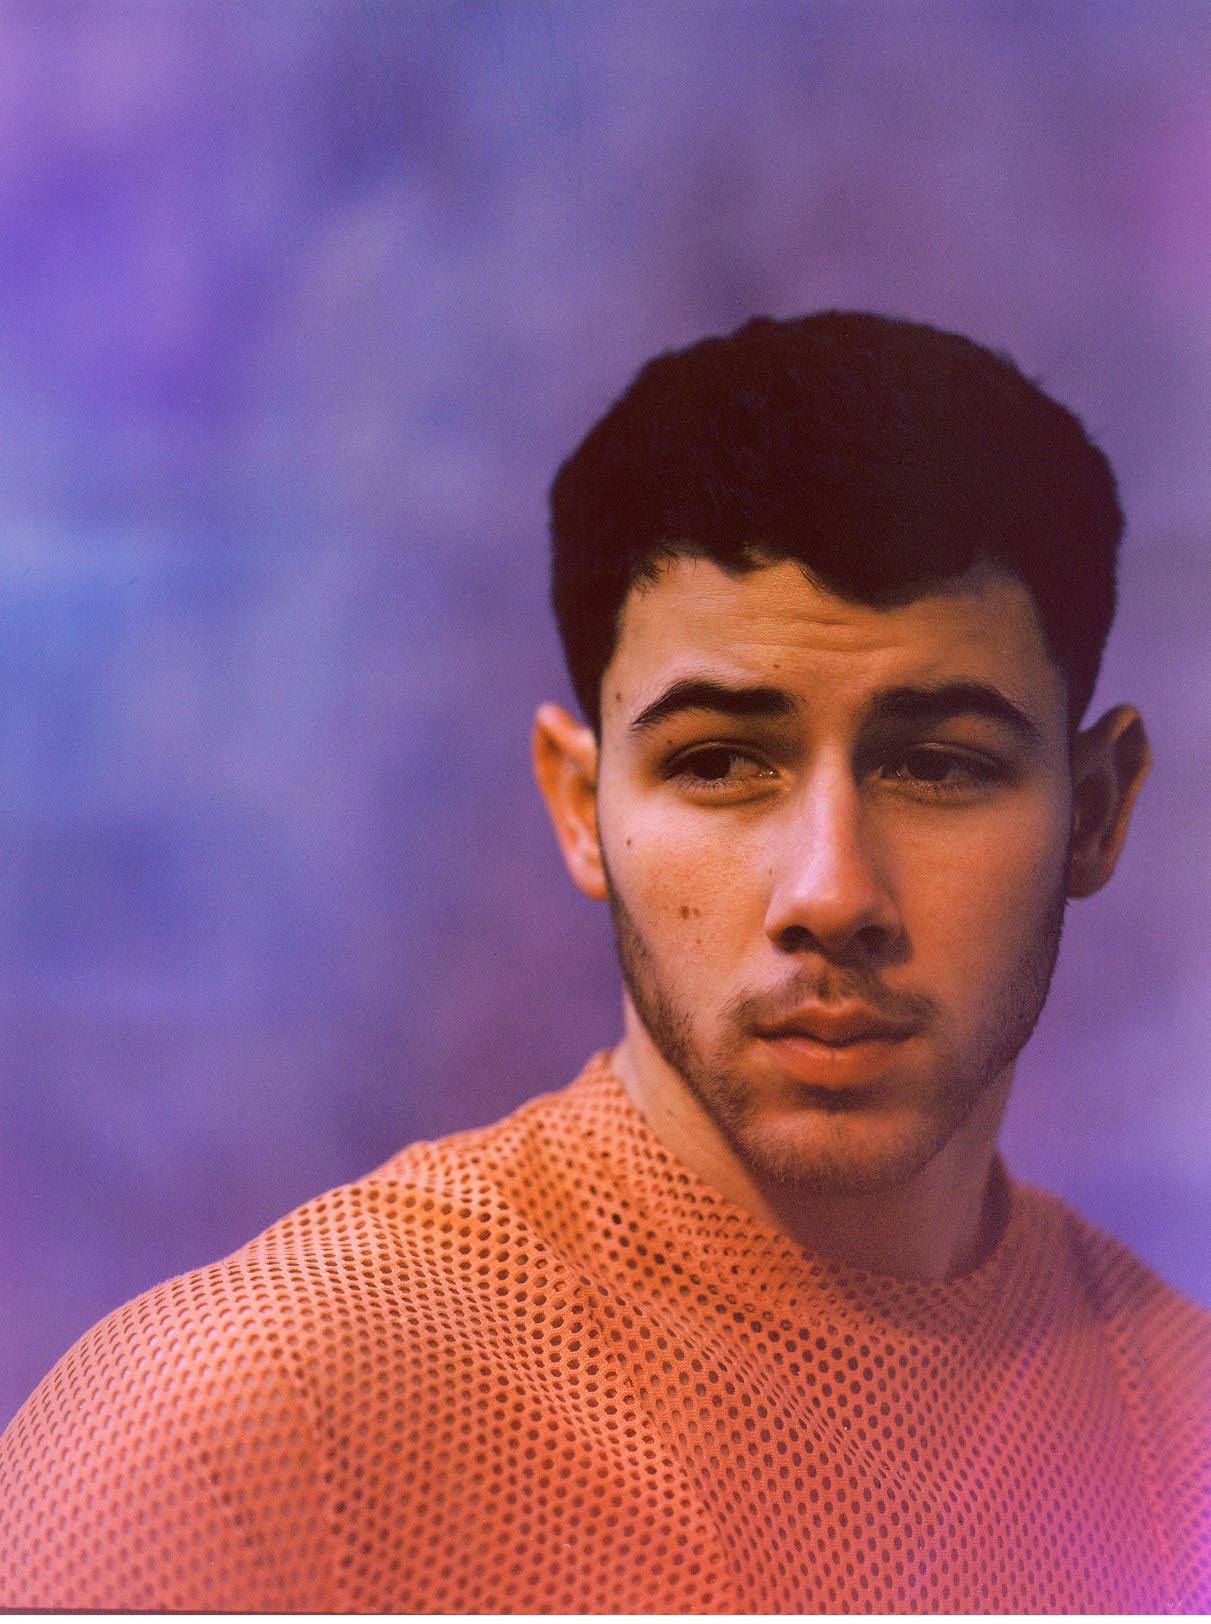 Nick Jonas (Credit: Eric Chakeen)